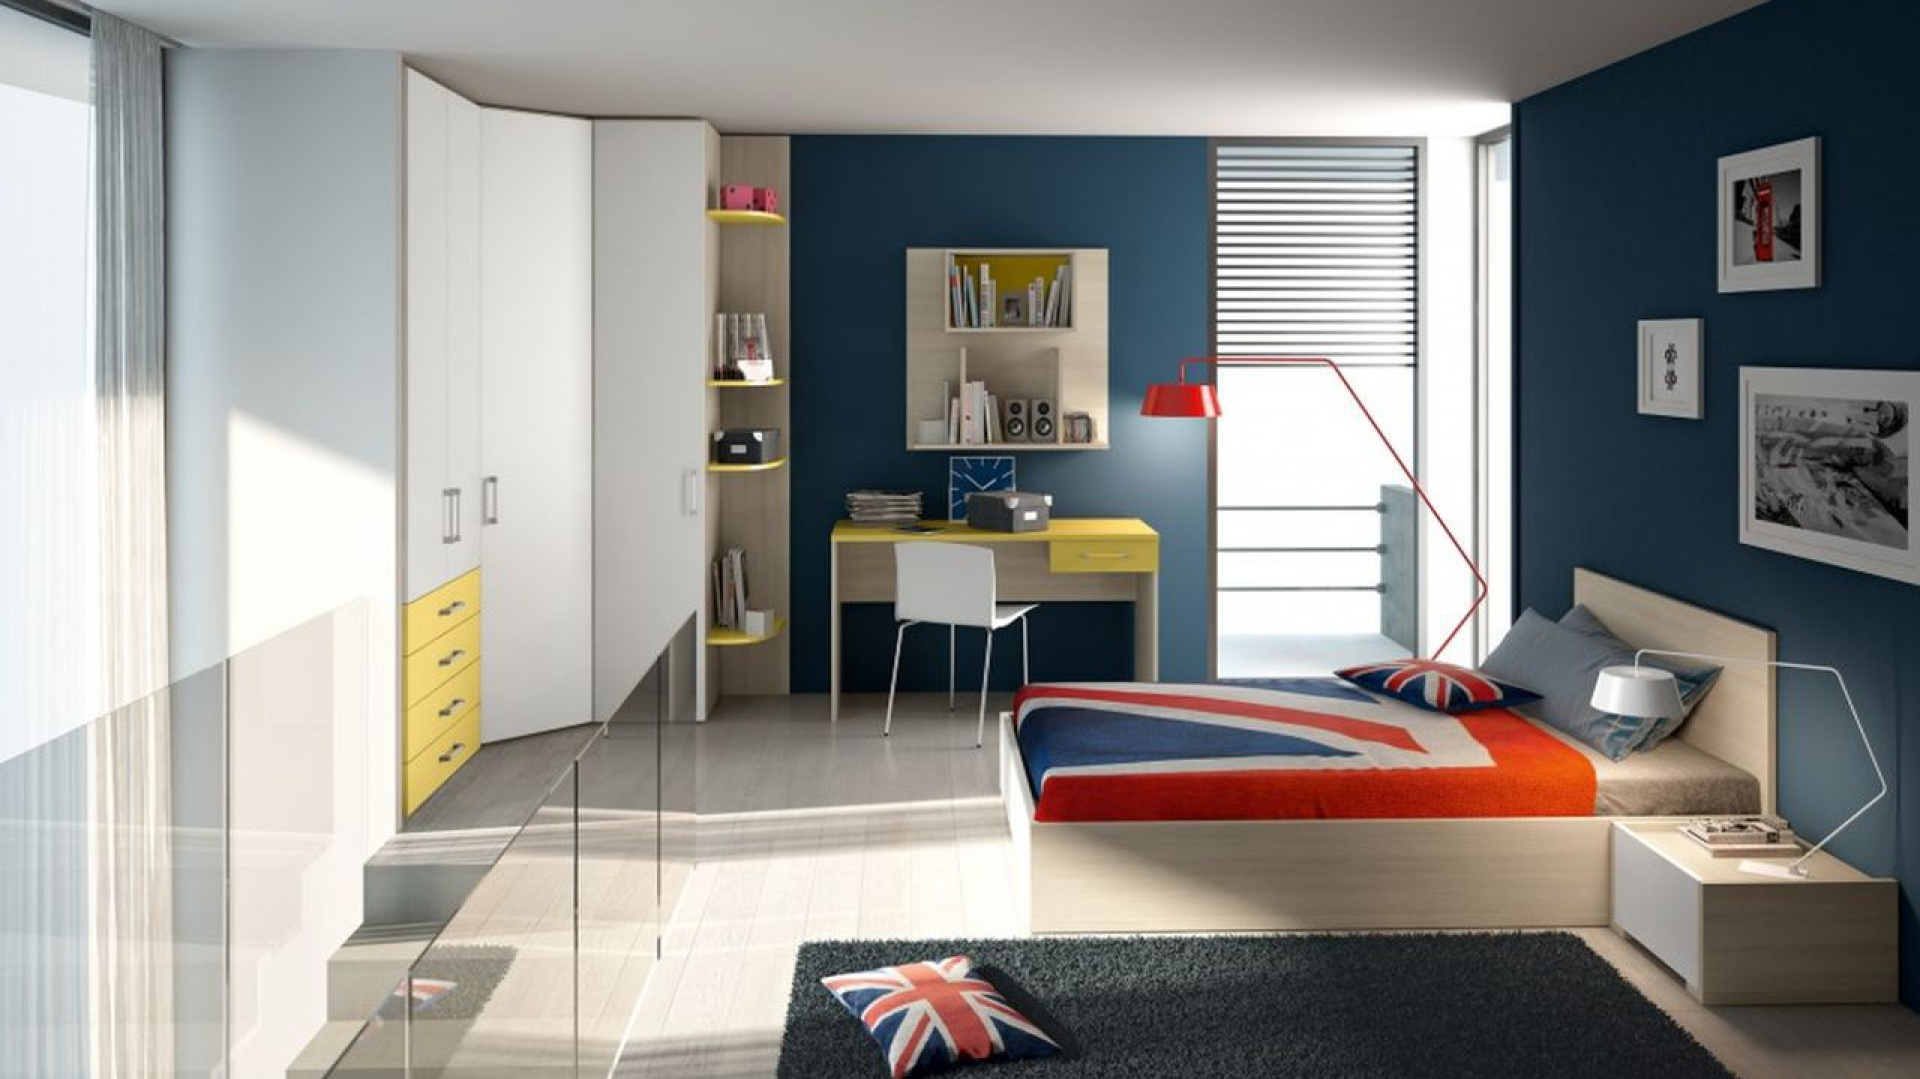 Pokój dla nastolatków z modnym motywem Jack Union. Fot. Colombini Casa.